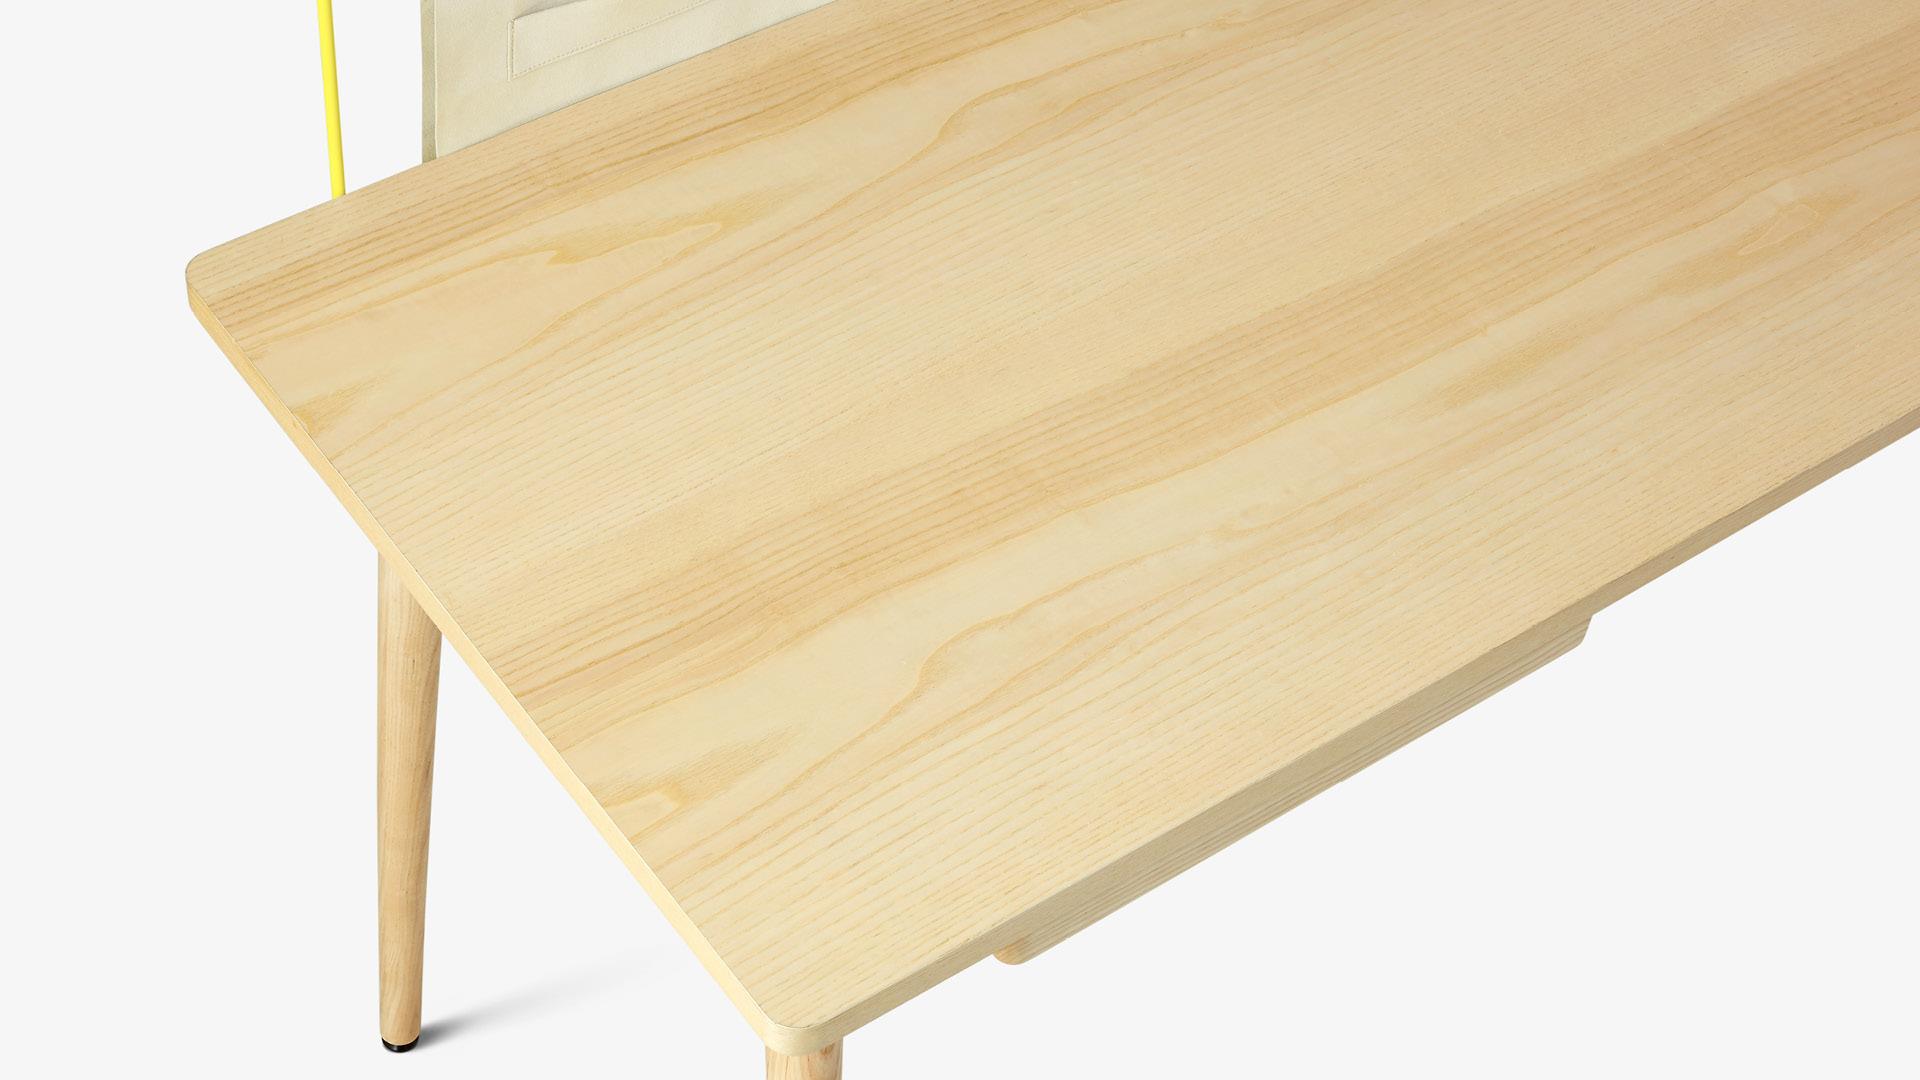 360°進口白蠟木皮包裹,溫潤木感凹凸可觸